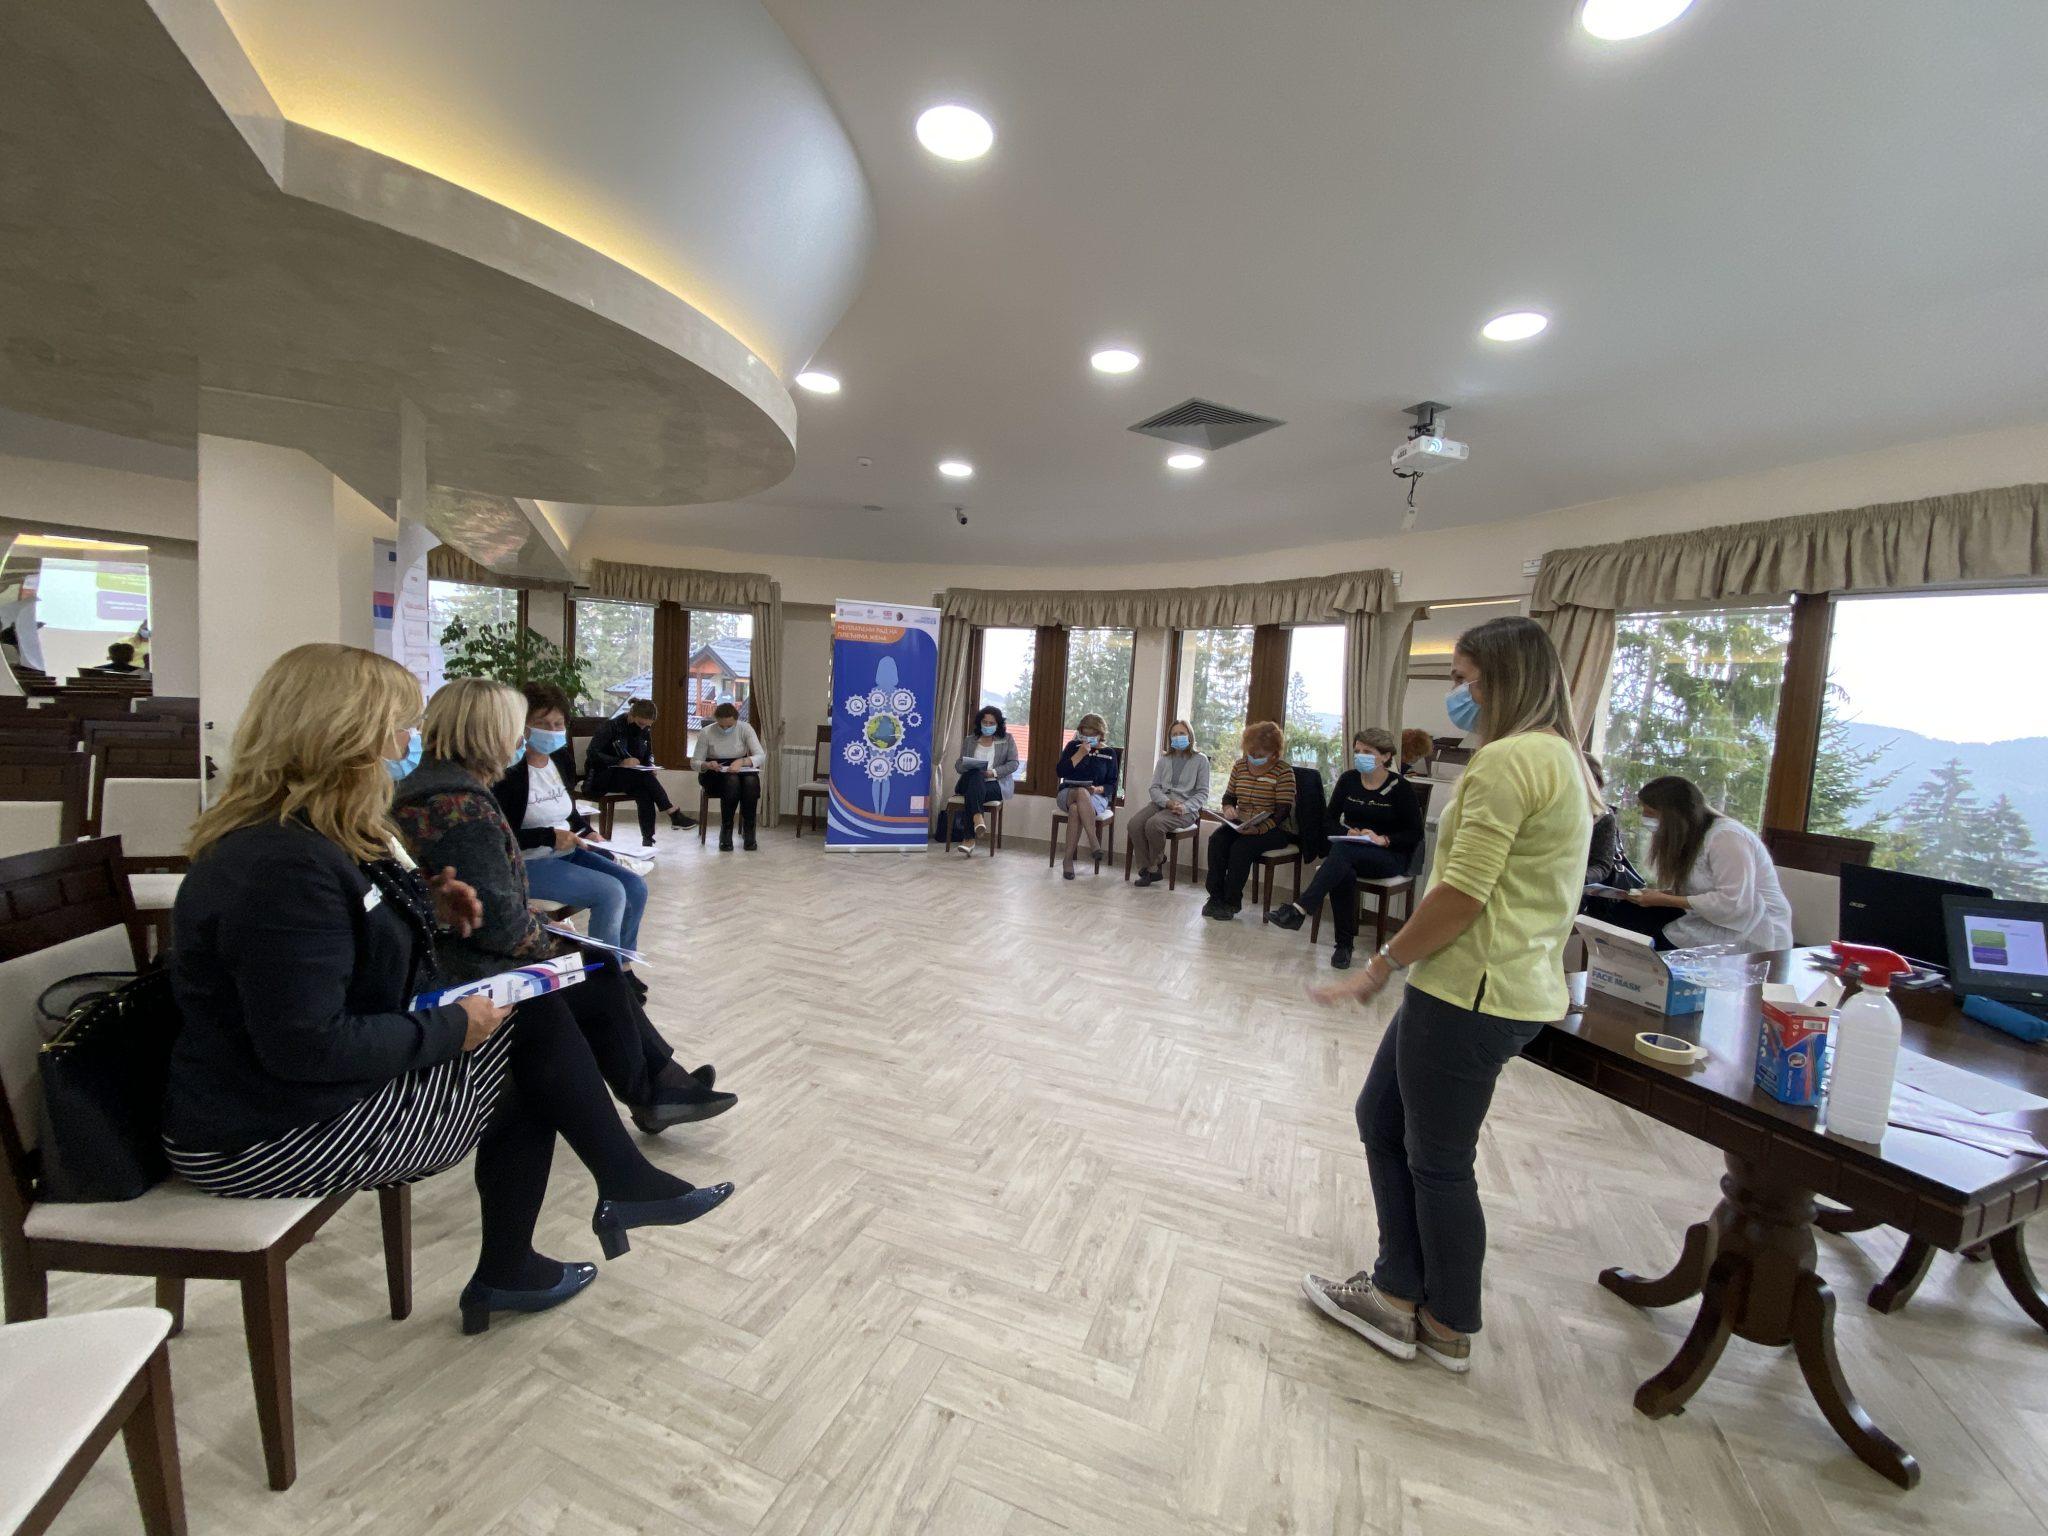 Фокус група: Од 50.000 до 120.000 динара за послове у кући